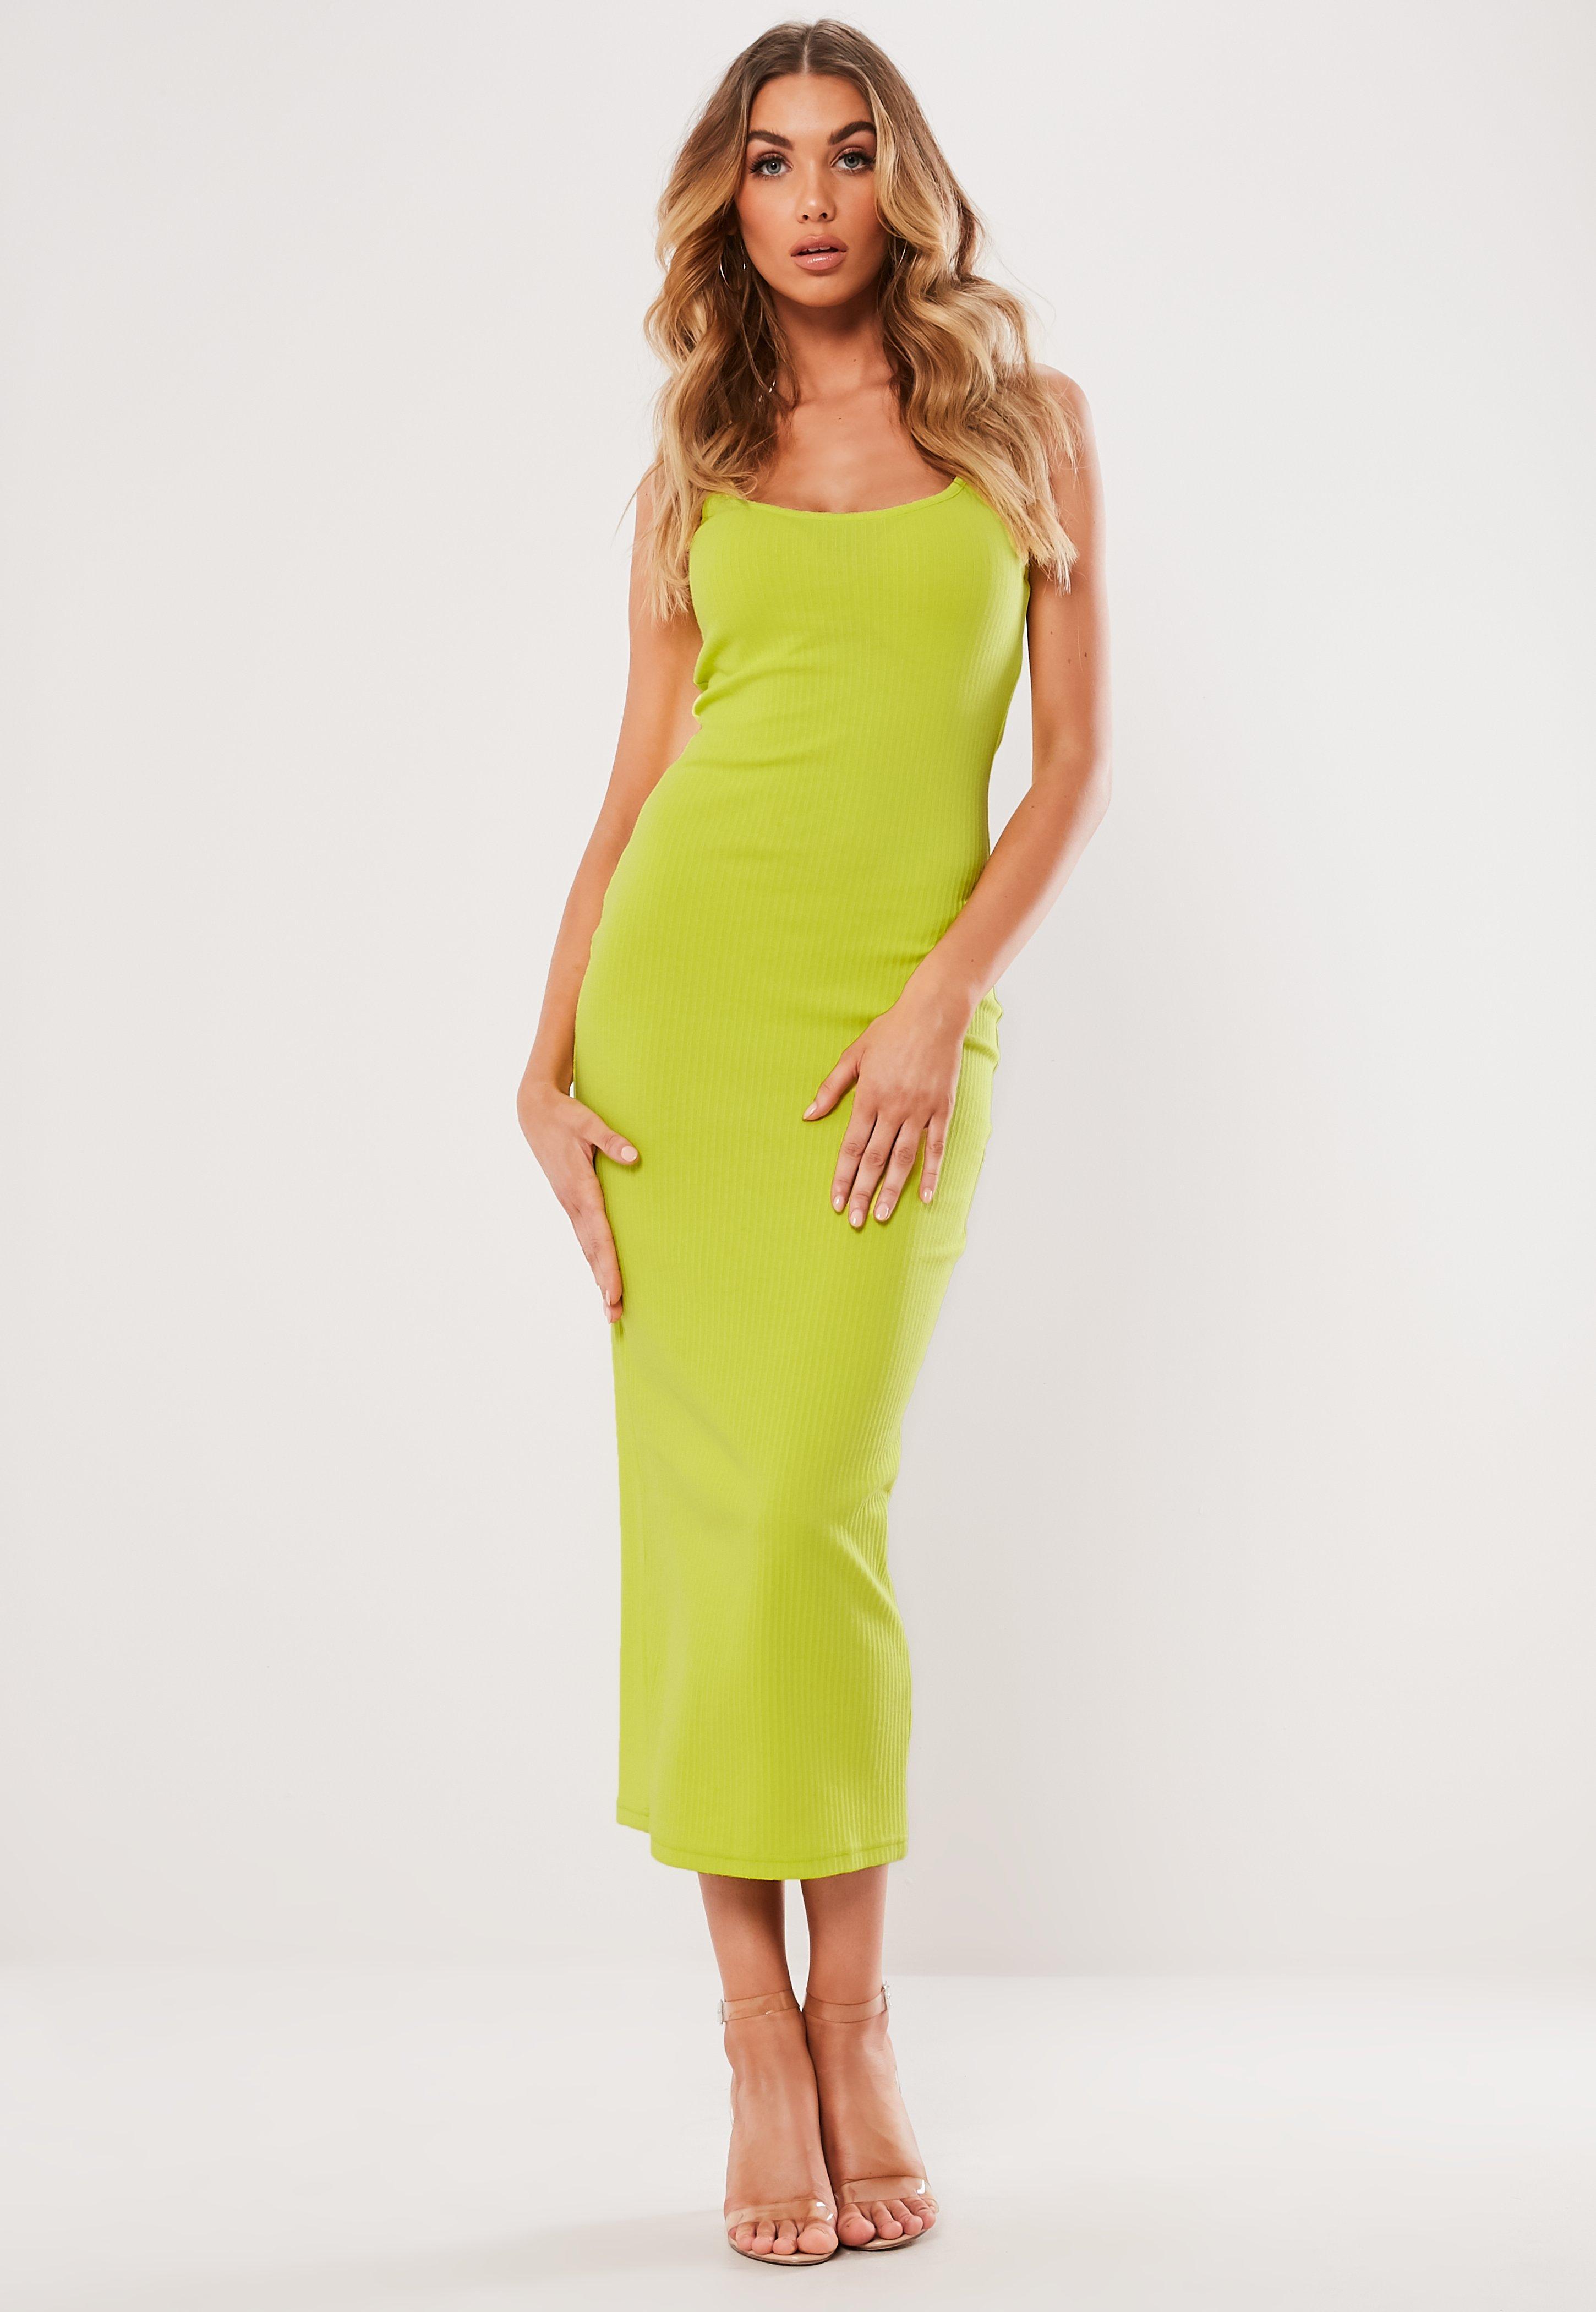 3d50a0e221d7 new yellow print THEM Alive summer dresses short sleeve cotton dress  oversize sundress - maxi dress - Summer Dresses